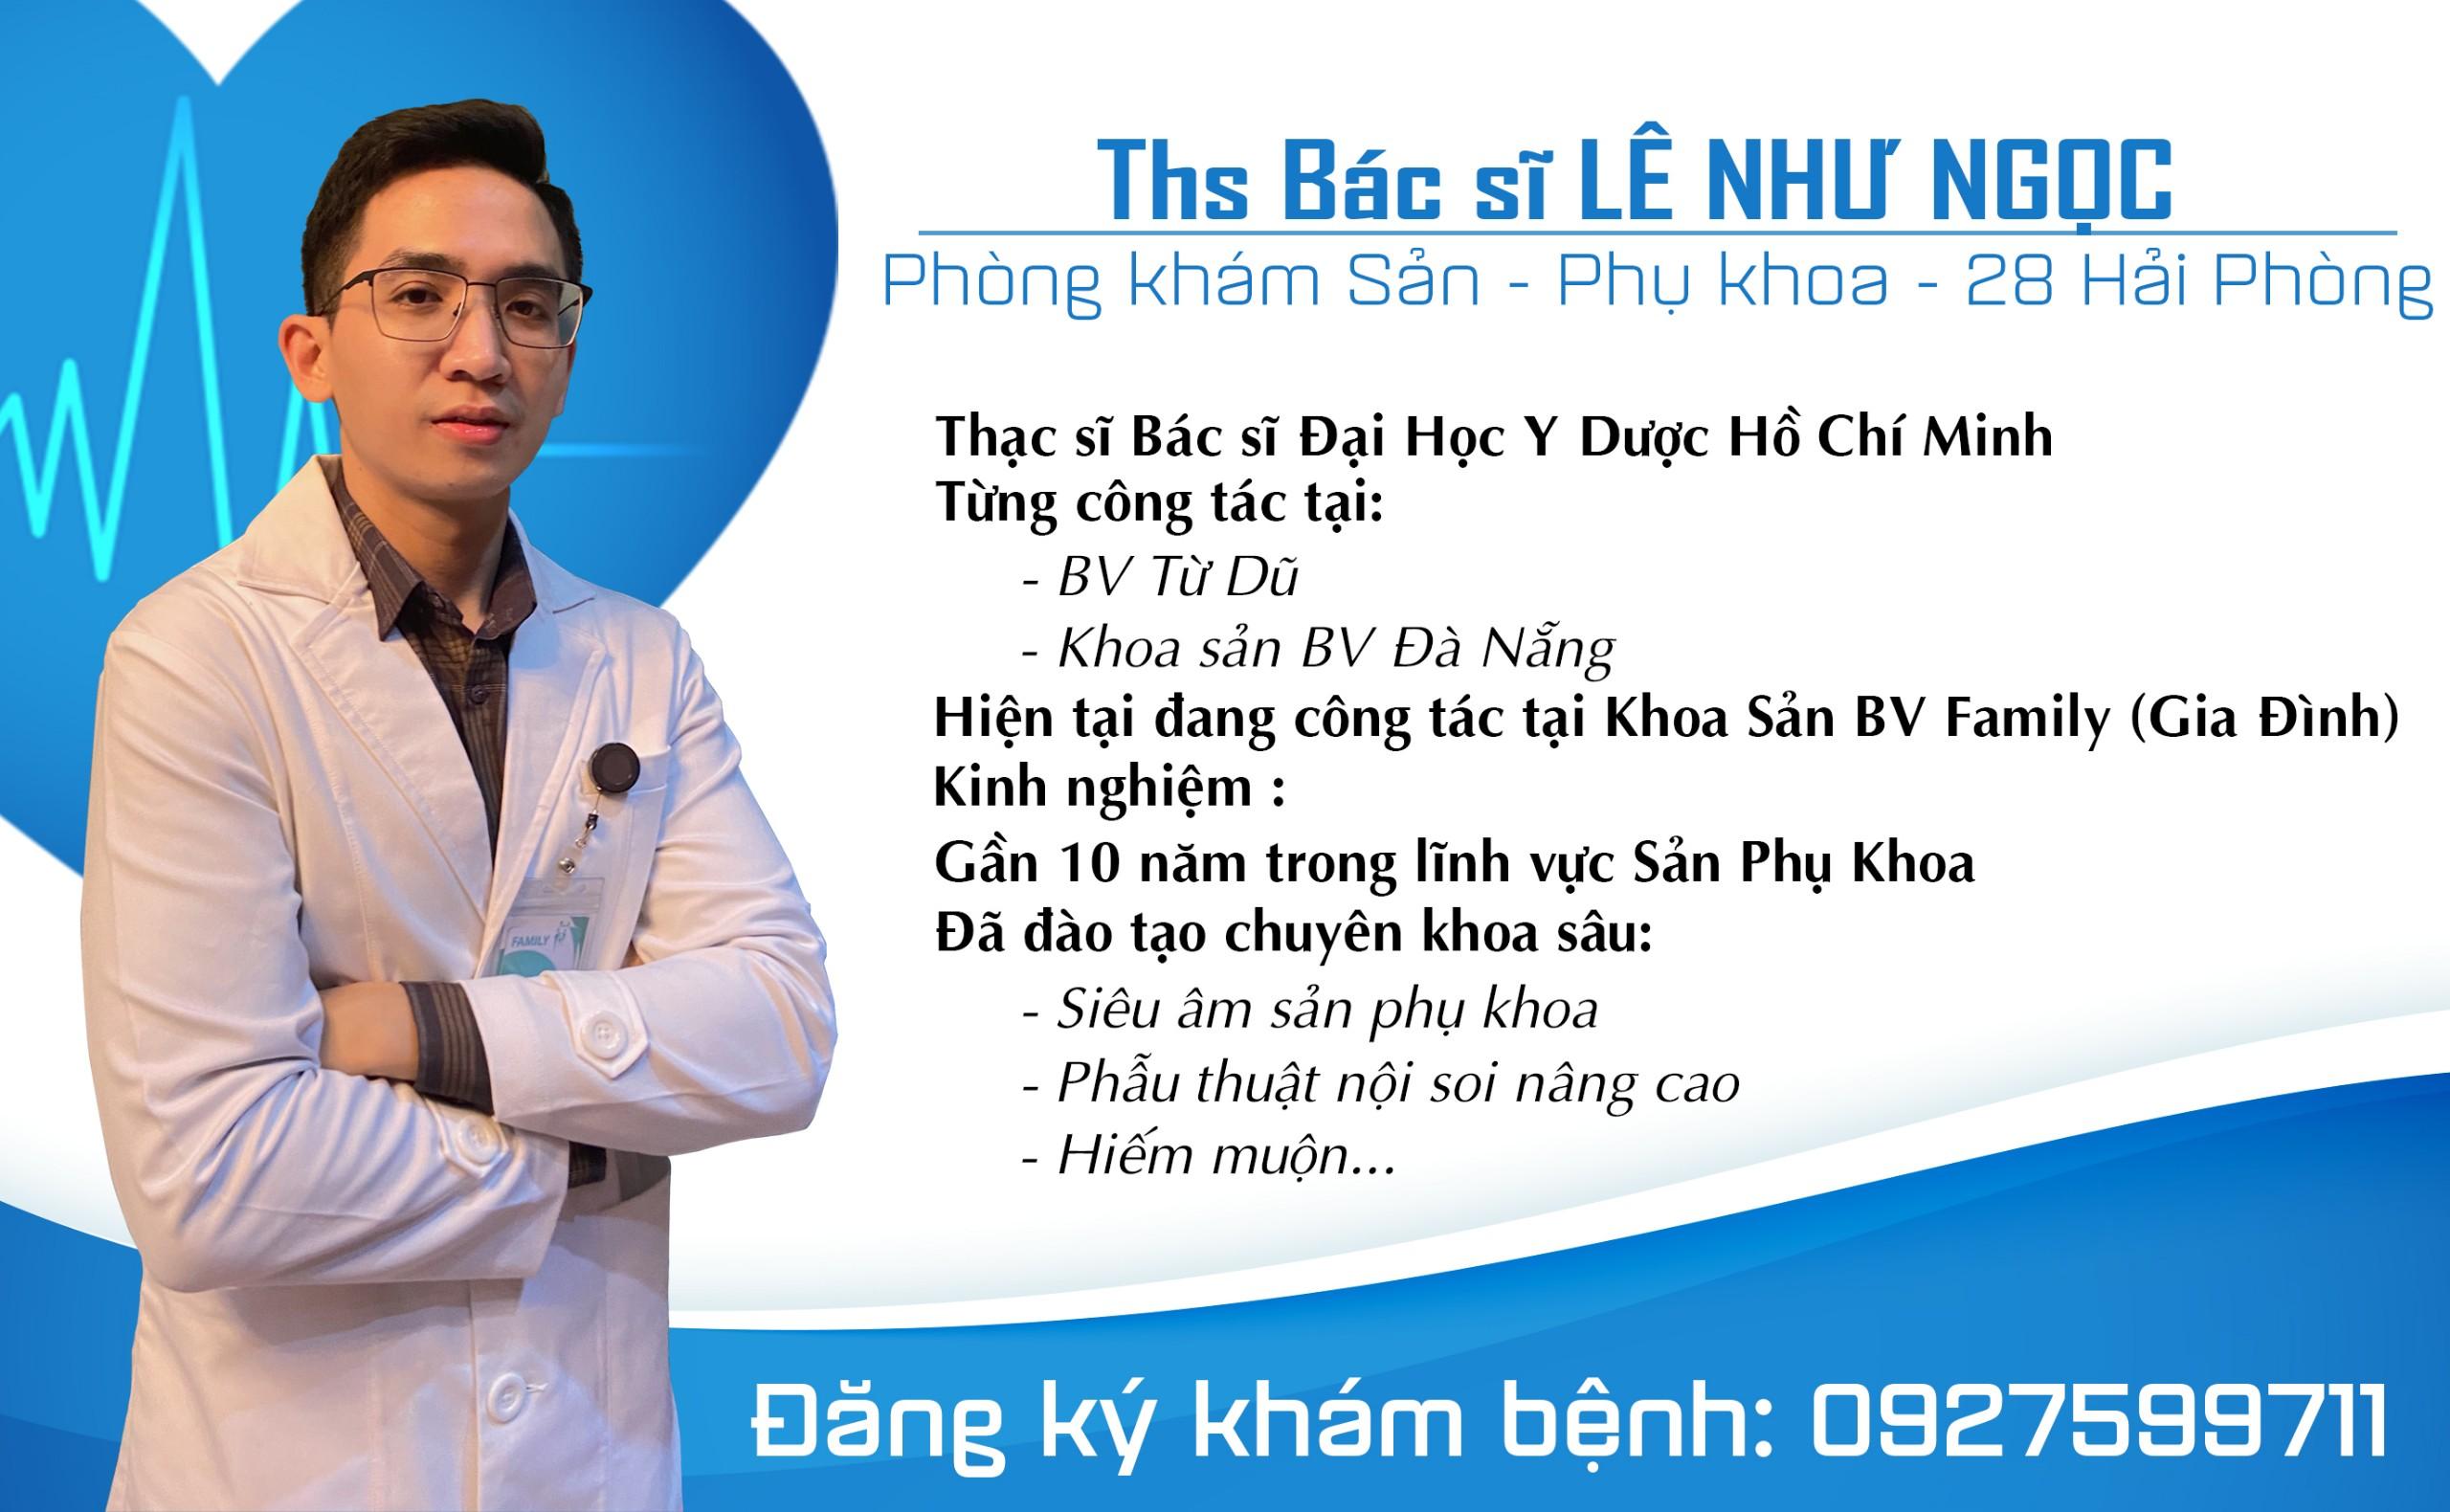 Bác sĩ Lê Như Ngọc